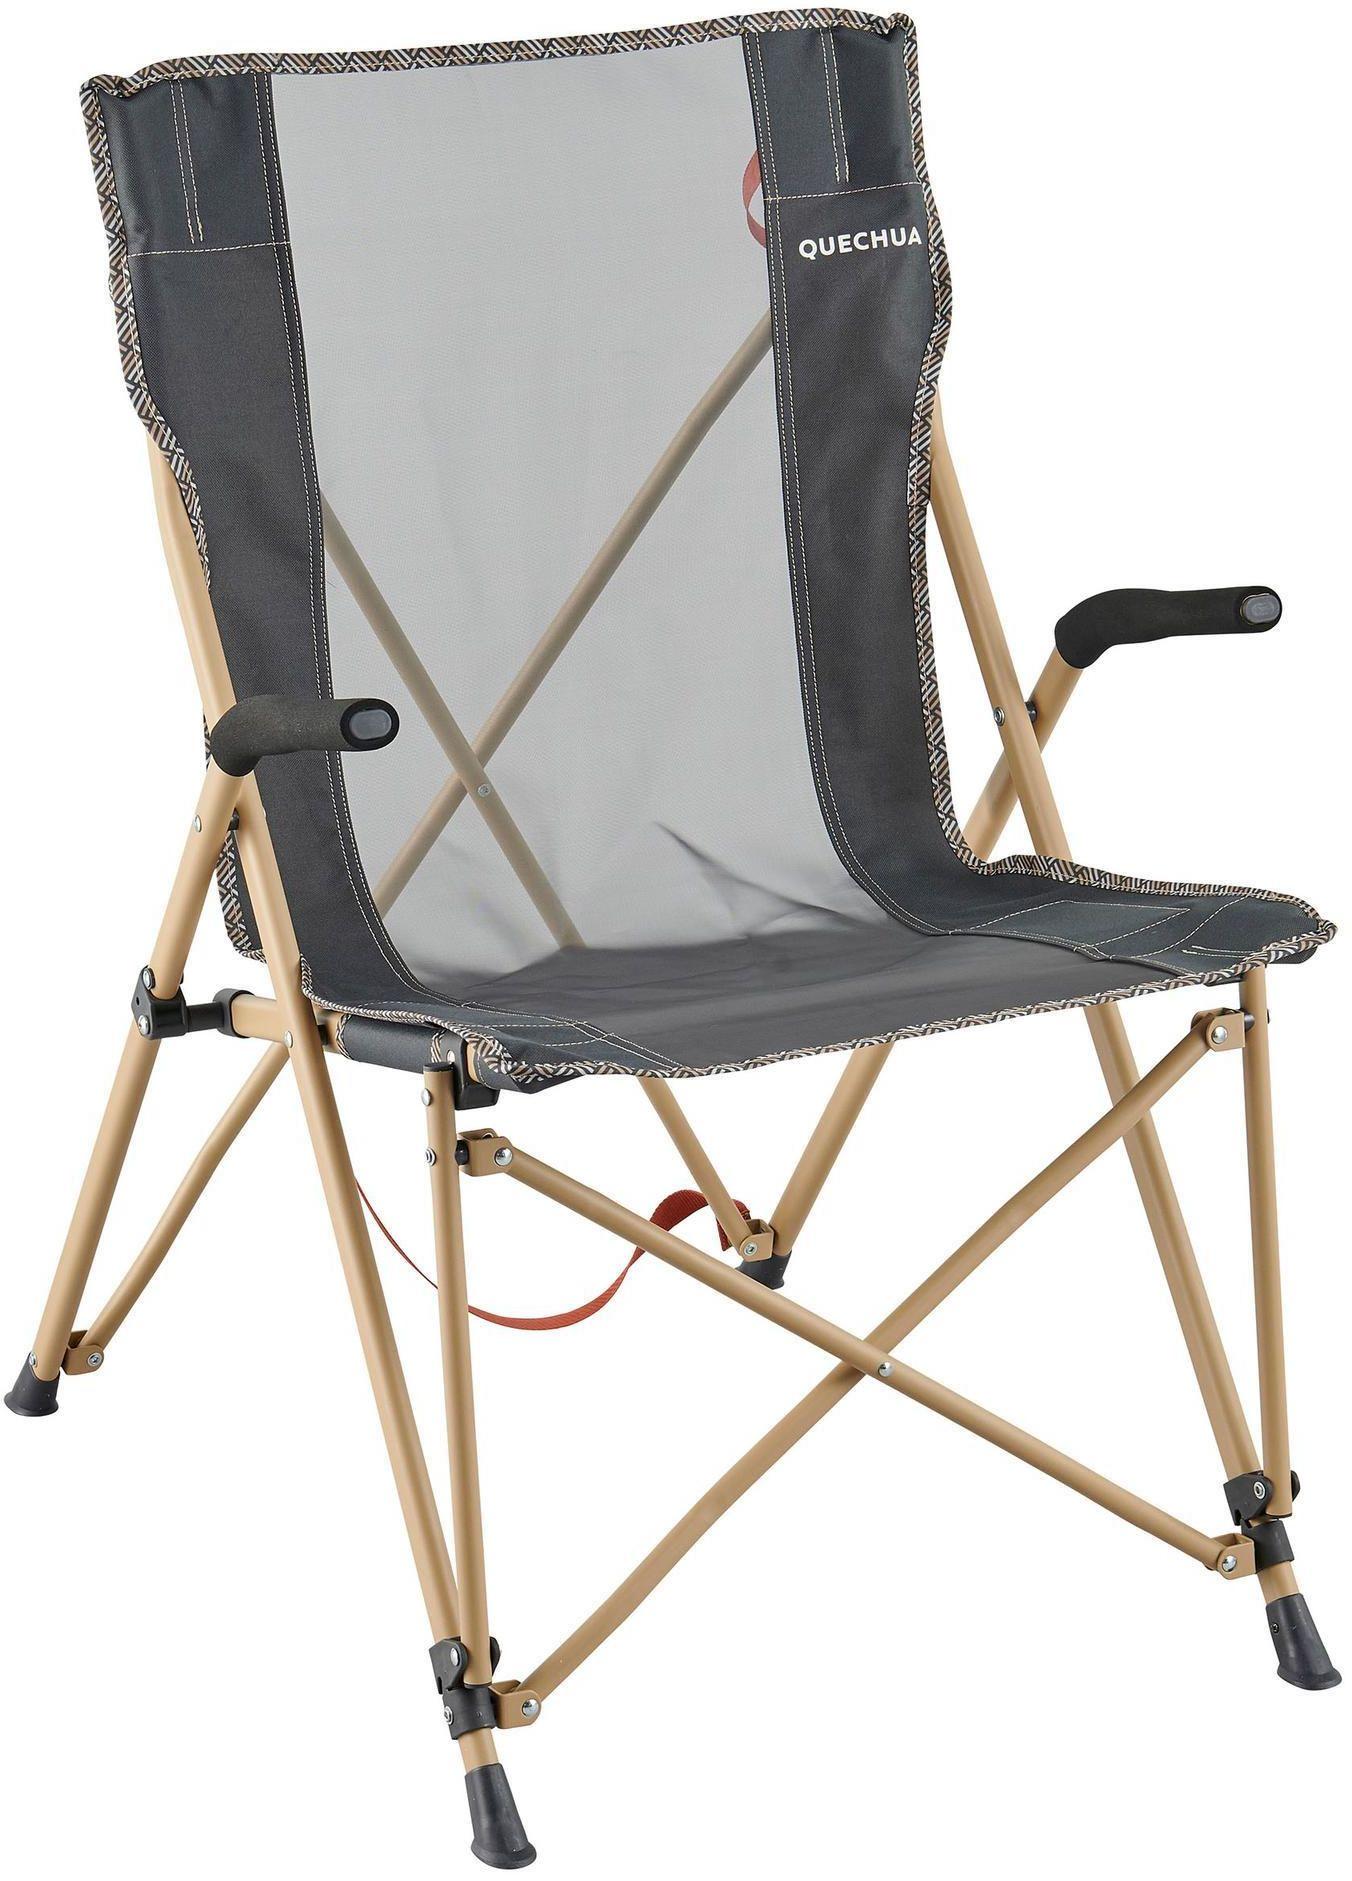 Krzesło kempingowe składane Comfort